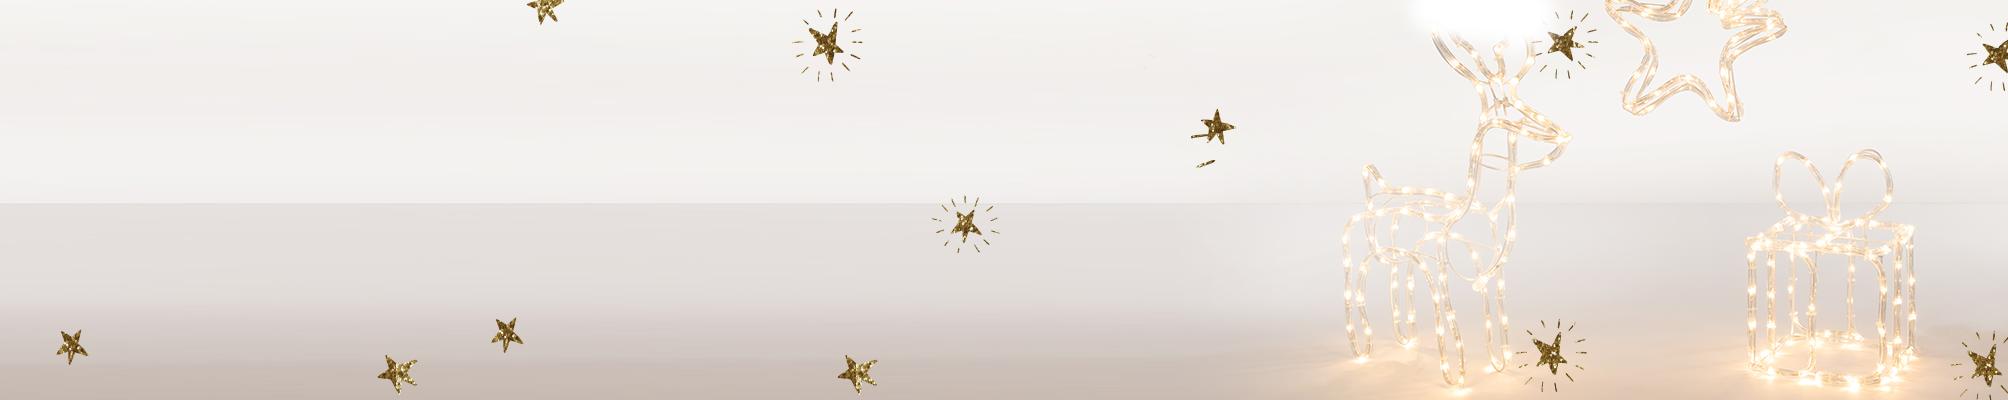 kerstverlichting - Herobanner - HEMA